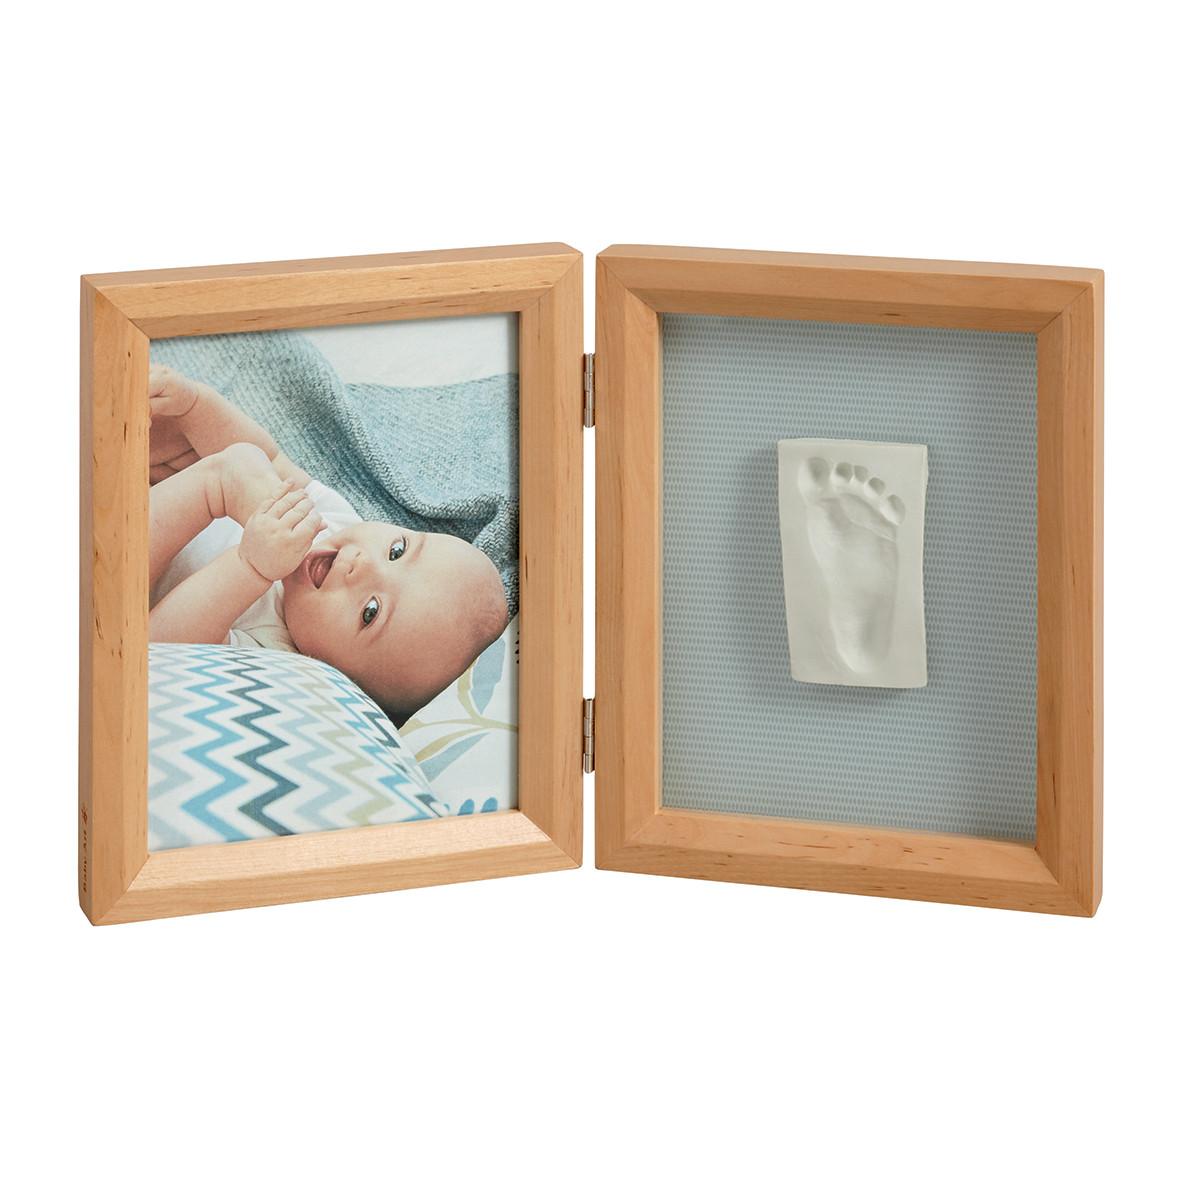 Κορνίζα Αποτύπωμα 2 Θέσεων Baby Art My Baby Touch Honey BR71070 home   βρεφικά   βρεφική διακόσμηση